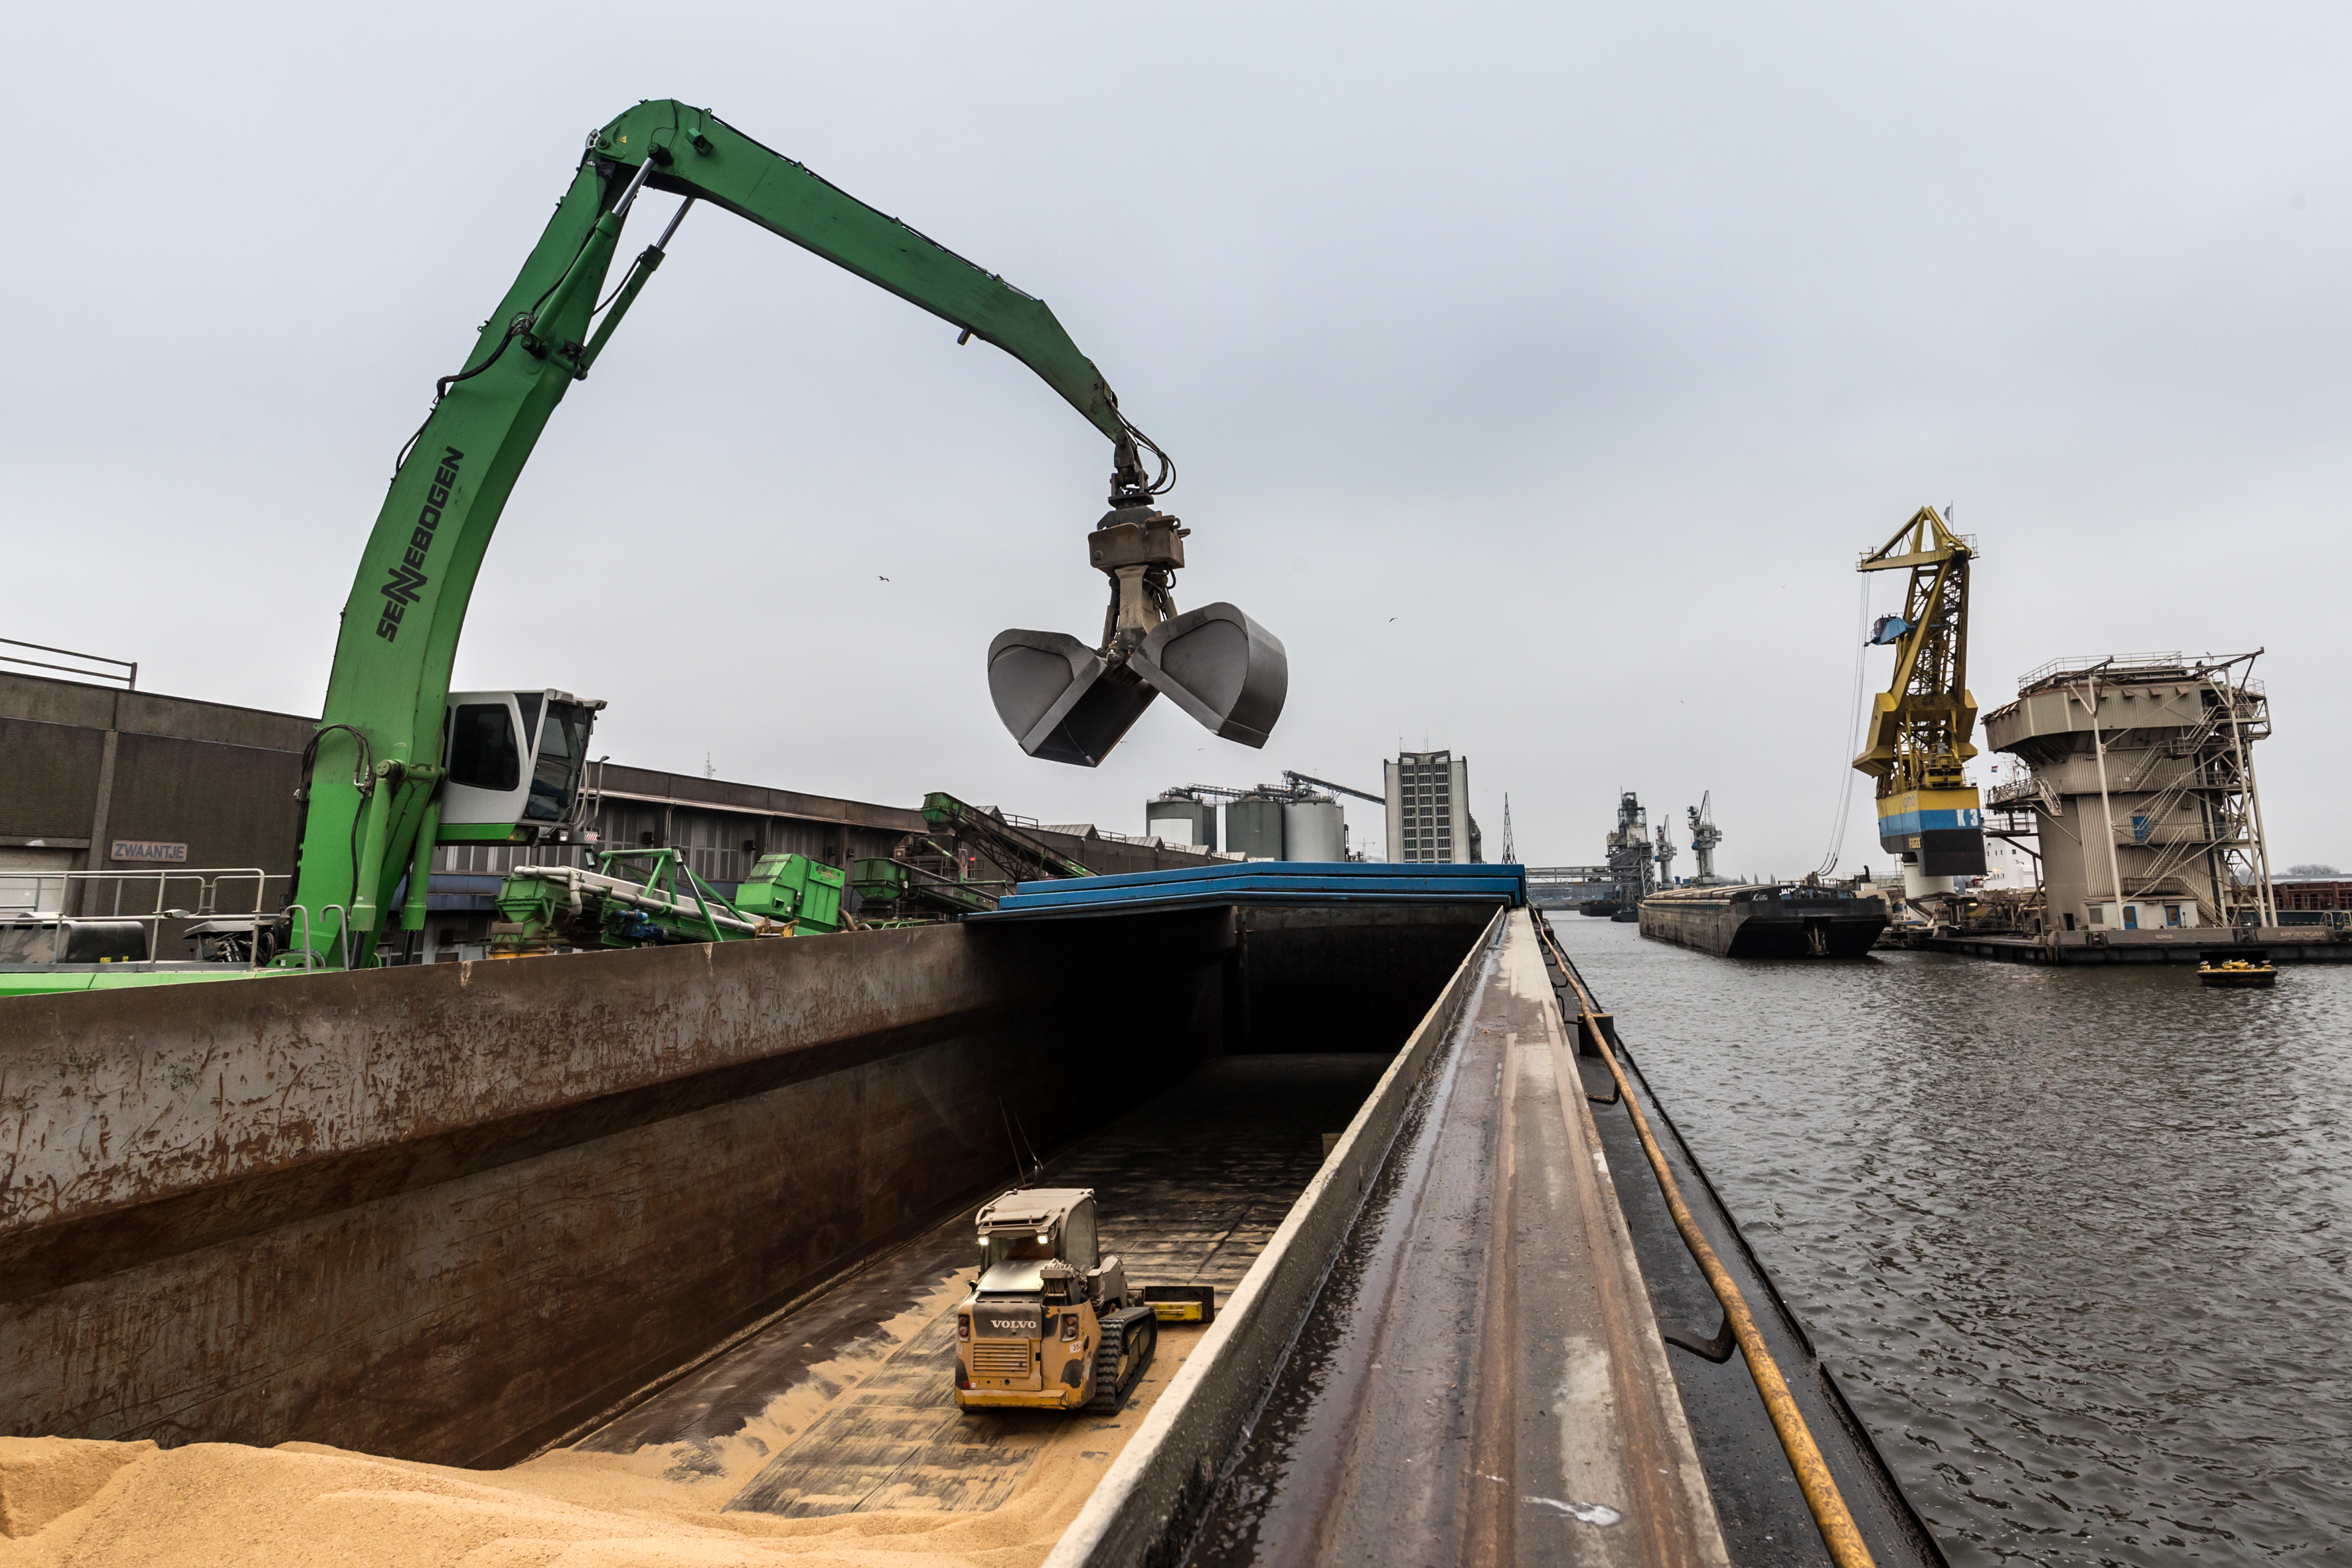 <p>Bij regen wordt het lossen van het schip direct stilgelegd en gaan de luiken boven het ruim dicht. Dankzij de automatische snelwissel kunnen schranklader en machinist razendsnel uit het ruim worden gehaald.</p>